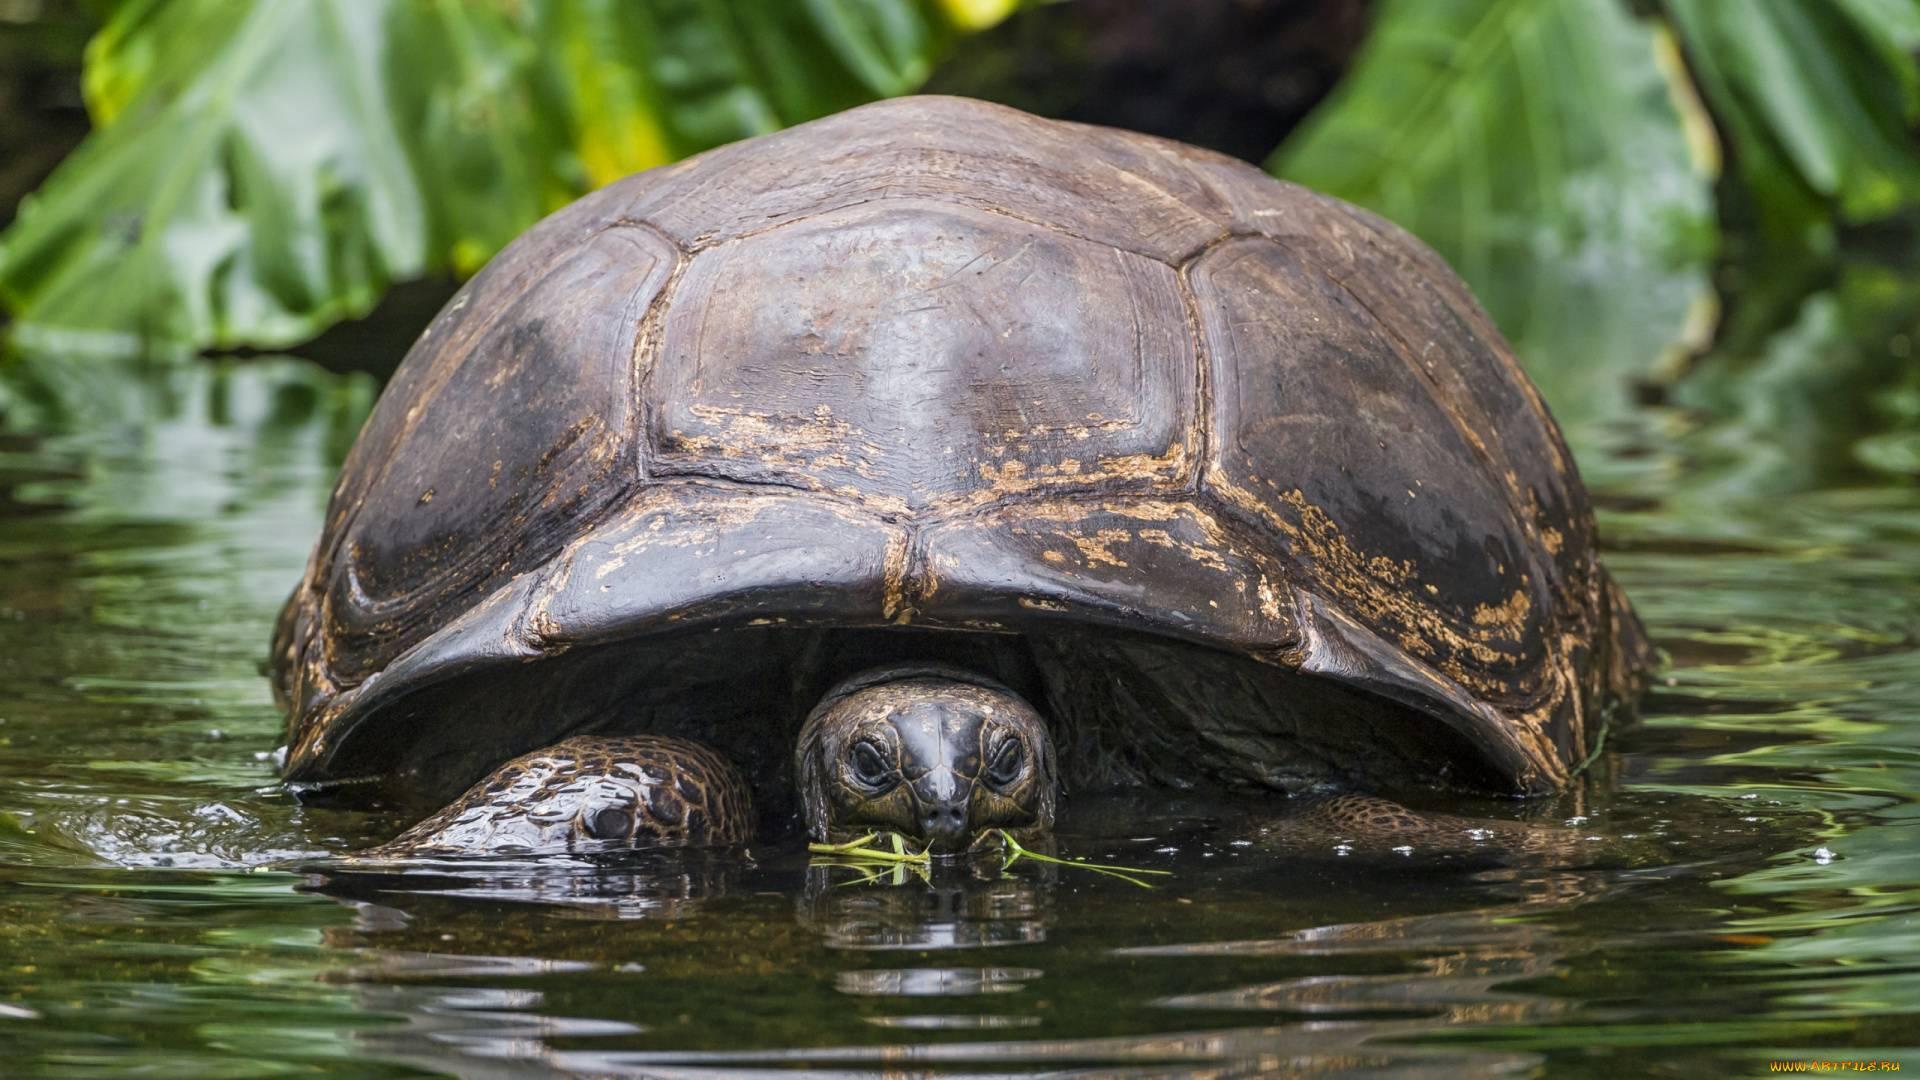 Черепашка в аквариуме: украшение или проблема?